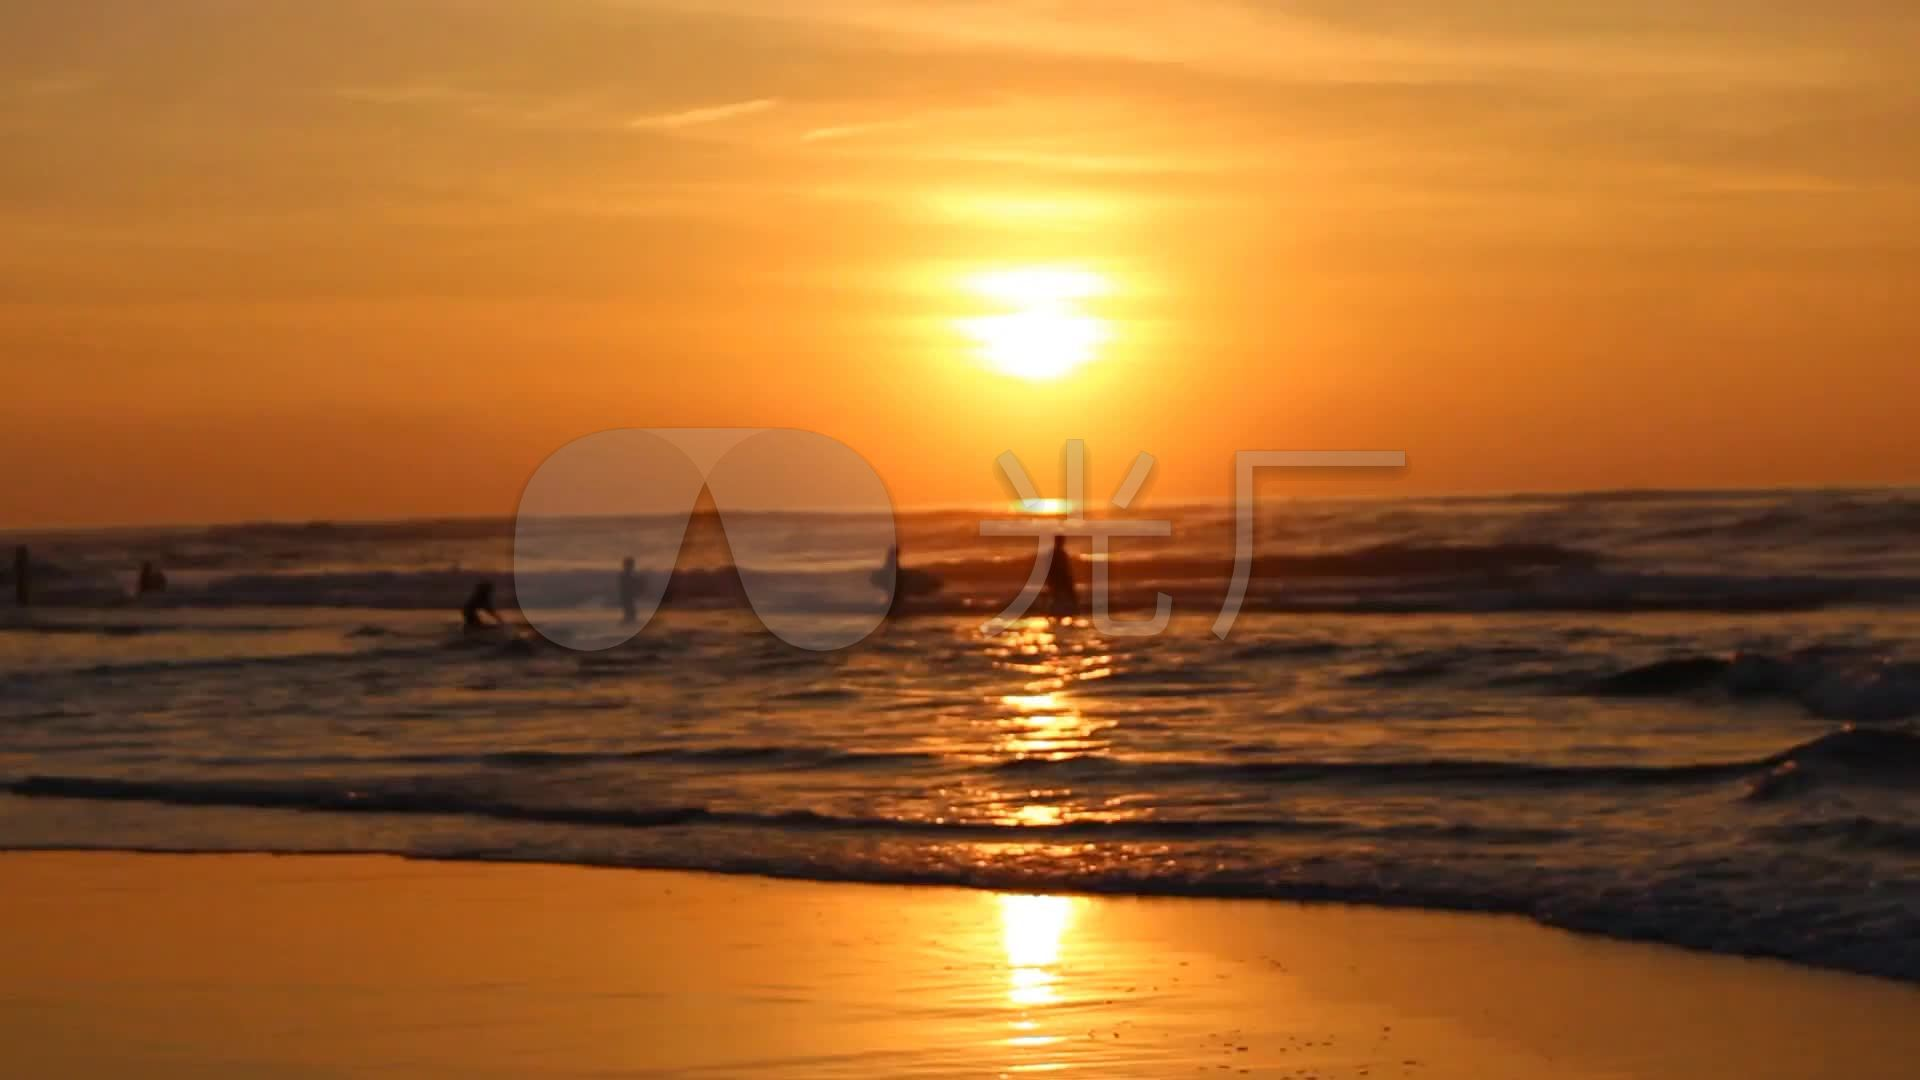 瑜伽 夕陽 日出 大海 鍛煉身體 晨練圖片